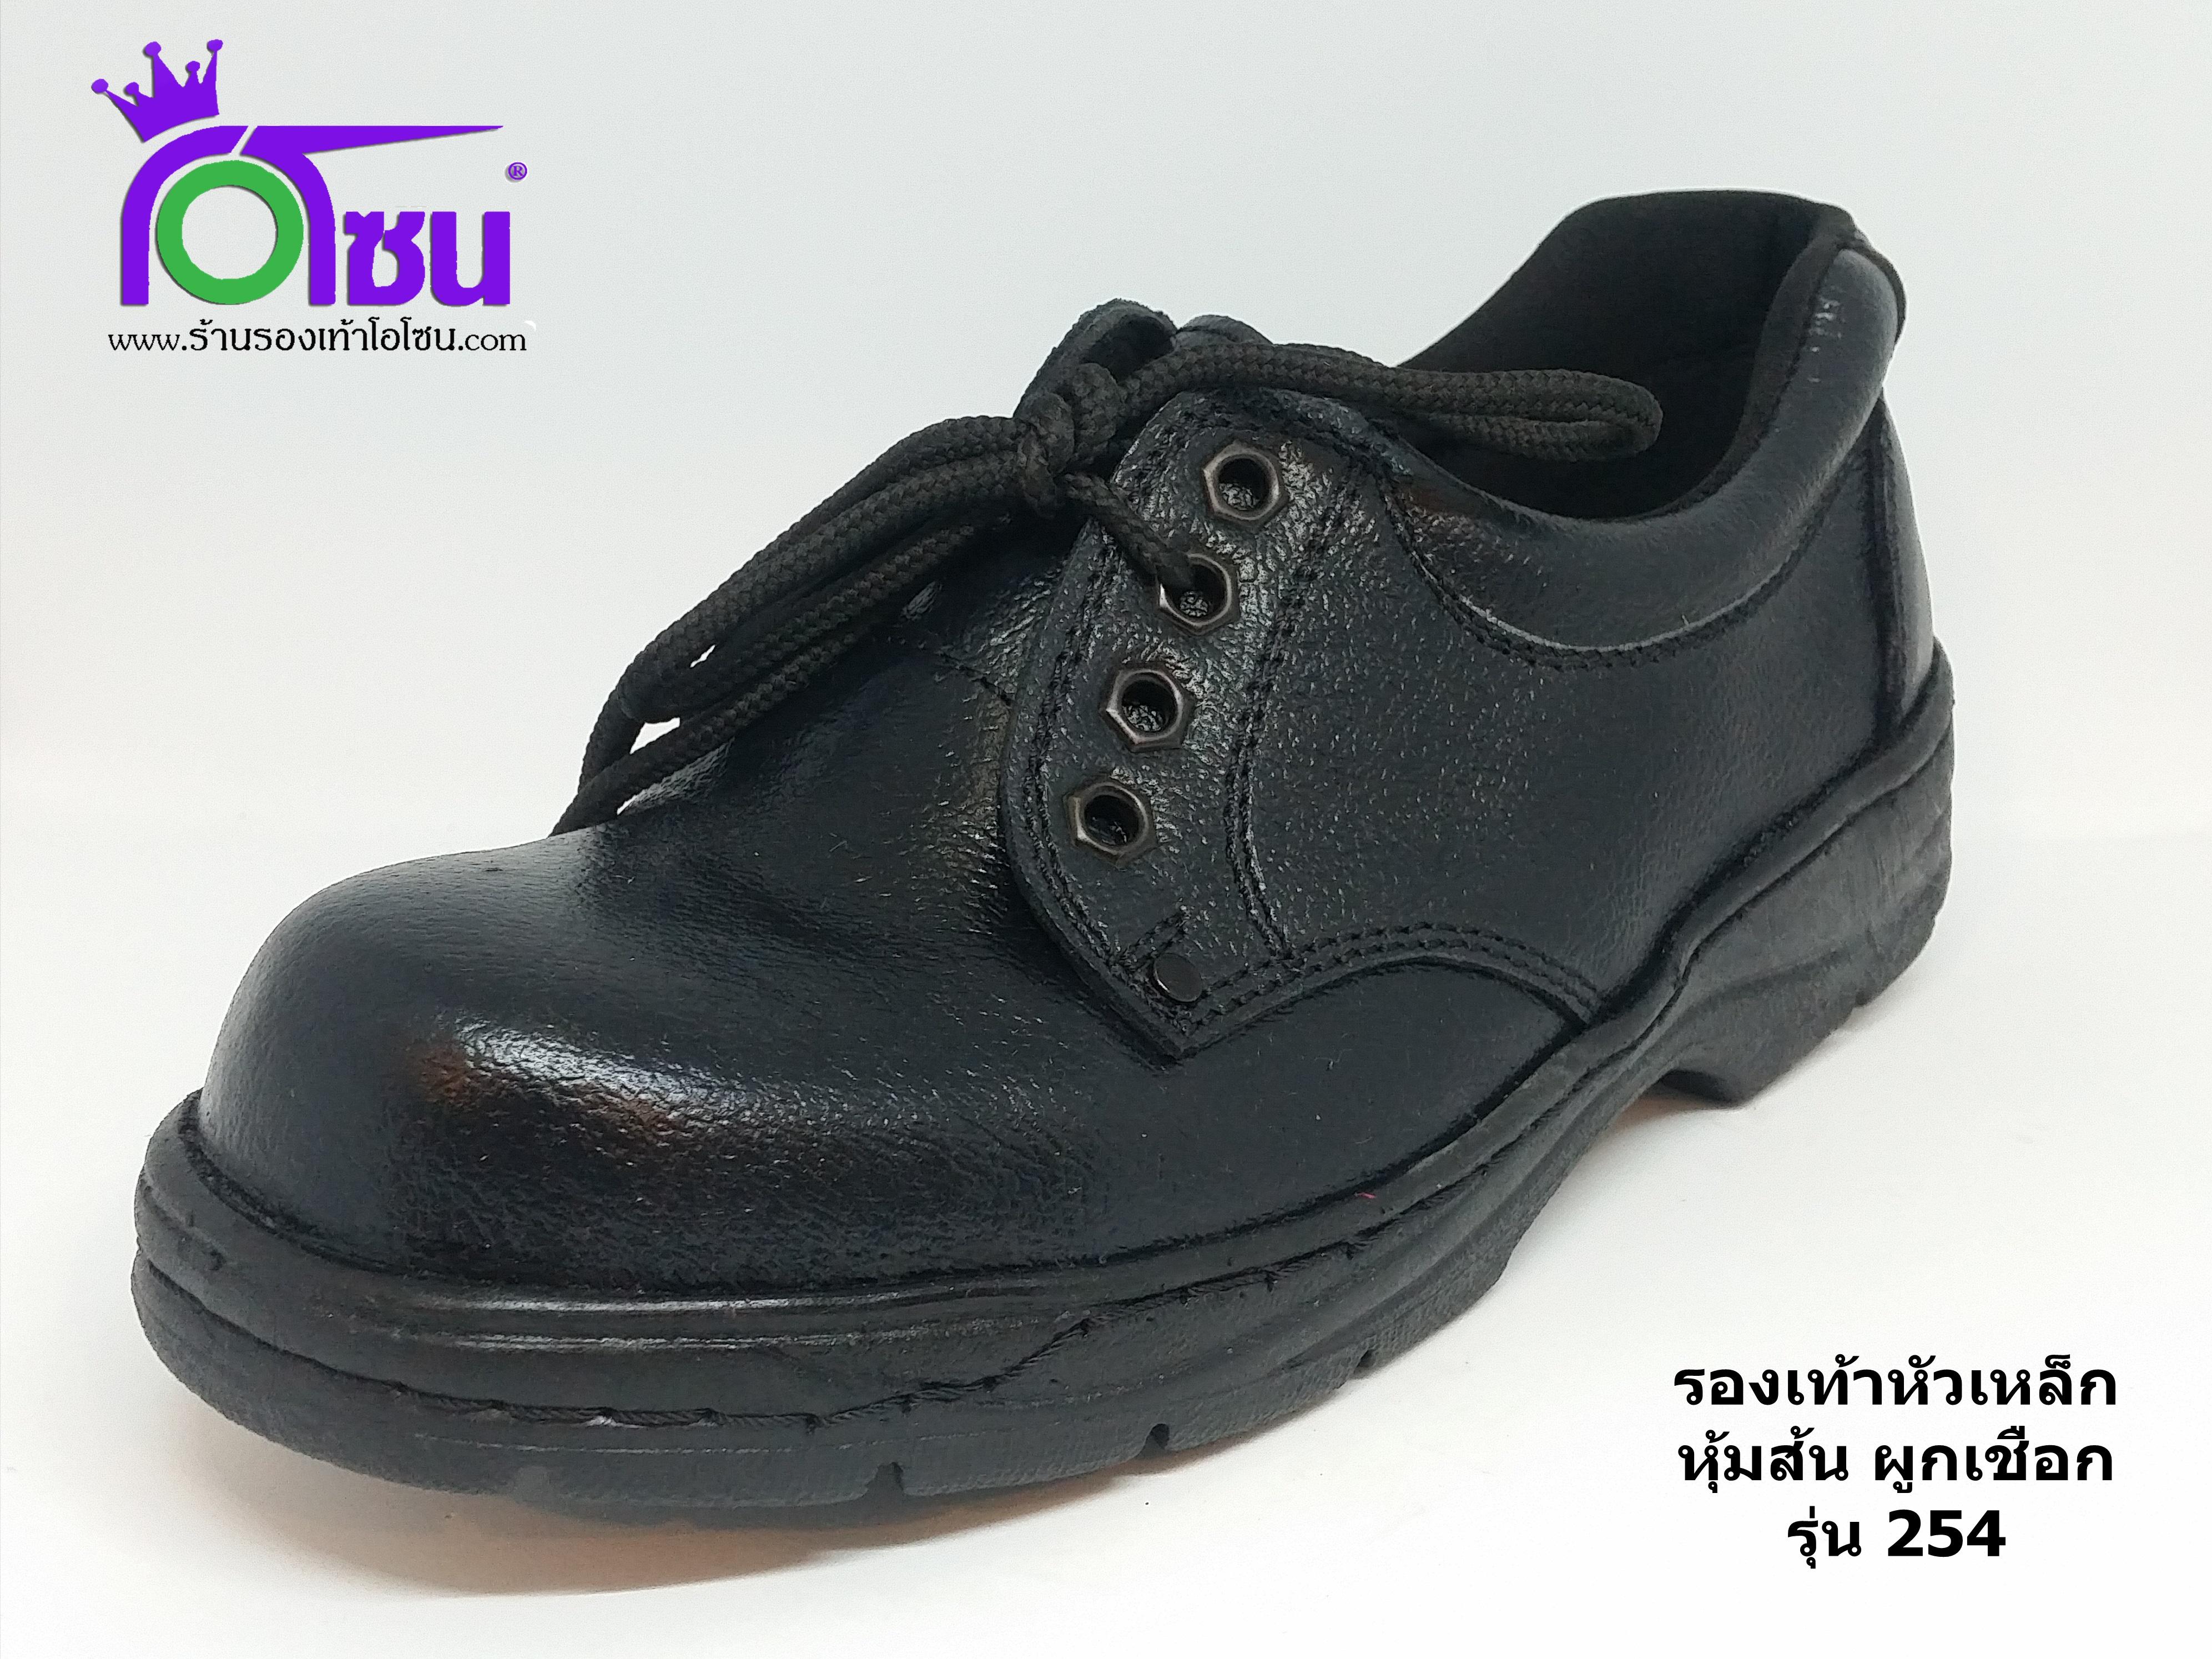 รองเท้าหัวเหล็ก Bulldozer บูลโดเซอร์ รหัส 254 เบอร์ 37-45